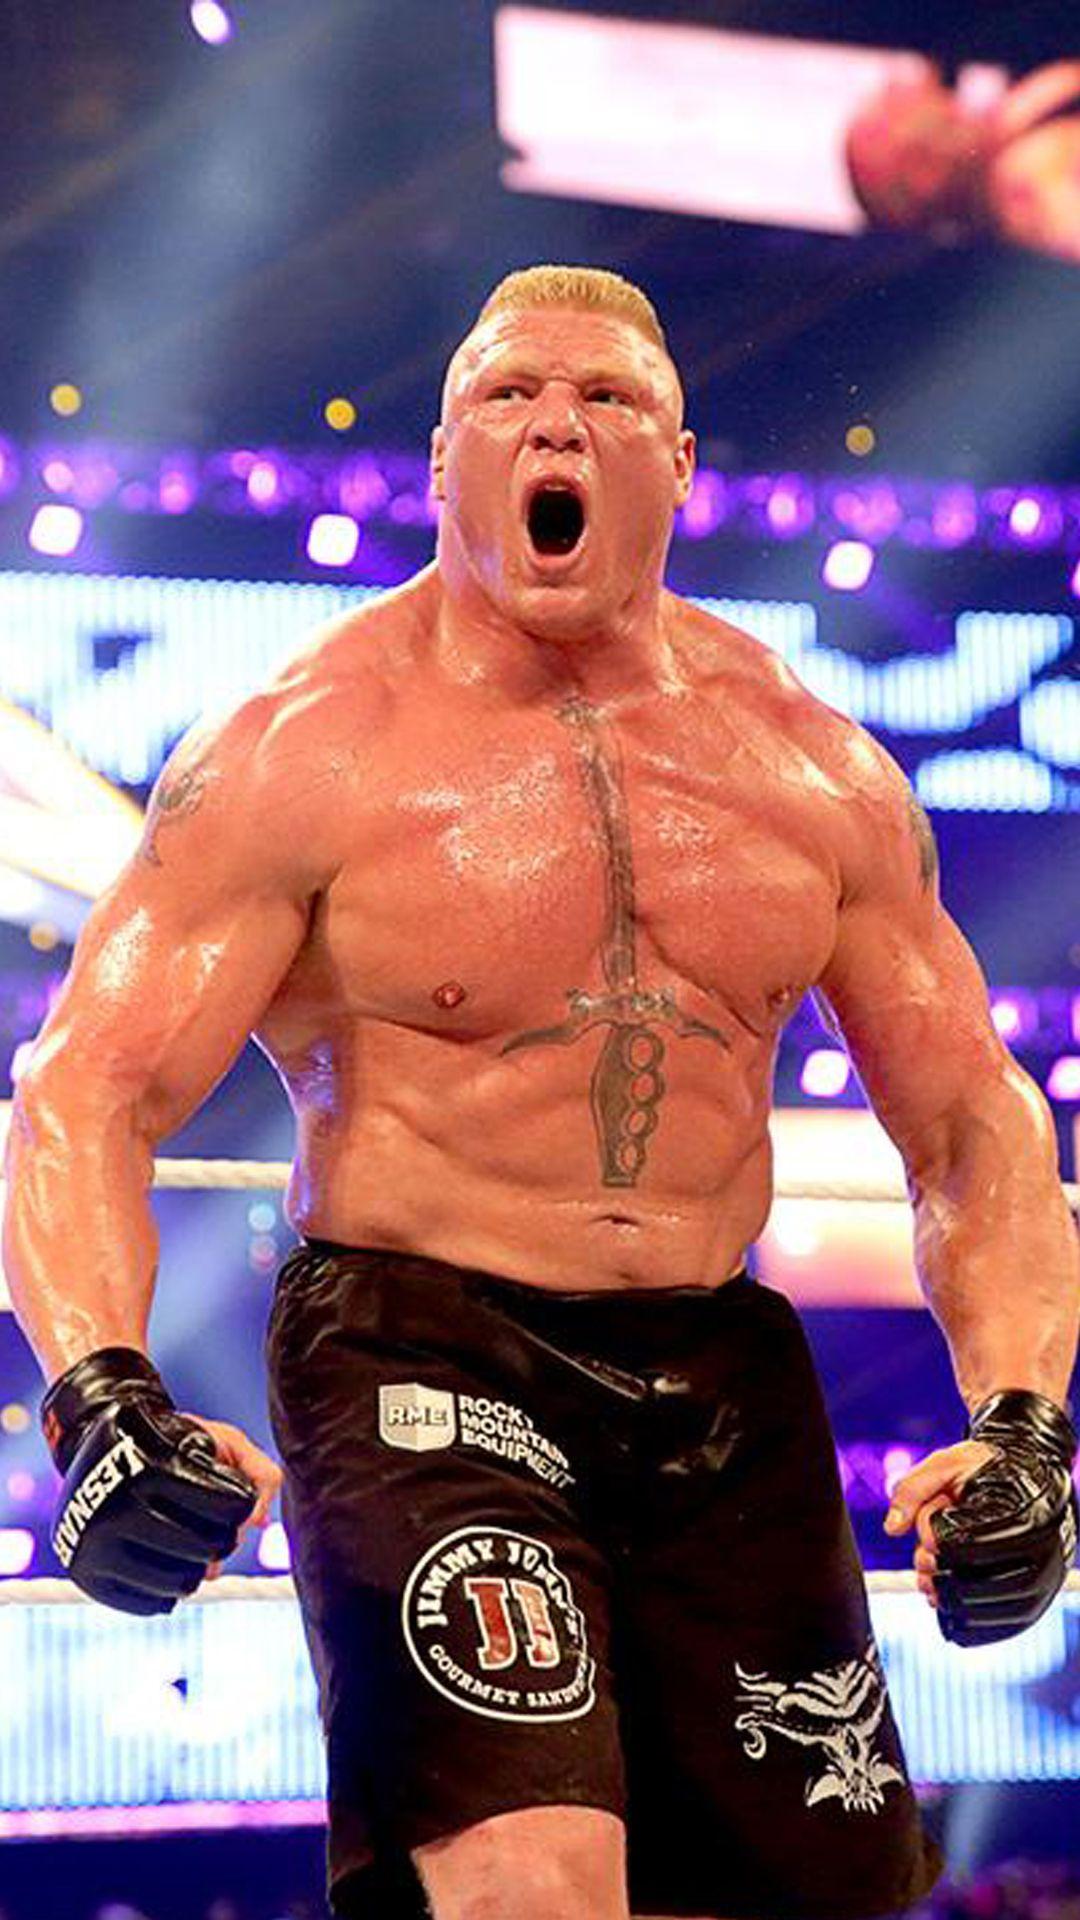 Brock Lesnar Wwe Background Image Brock Lesnar Brock Lesnar Wwe Brock Lesnar Ufc